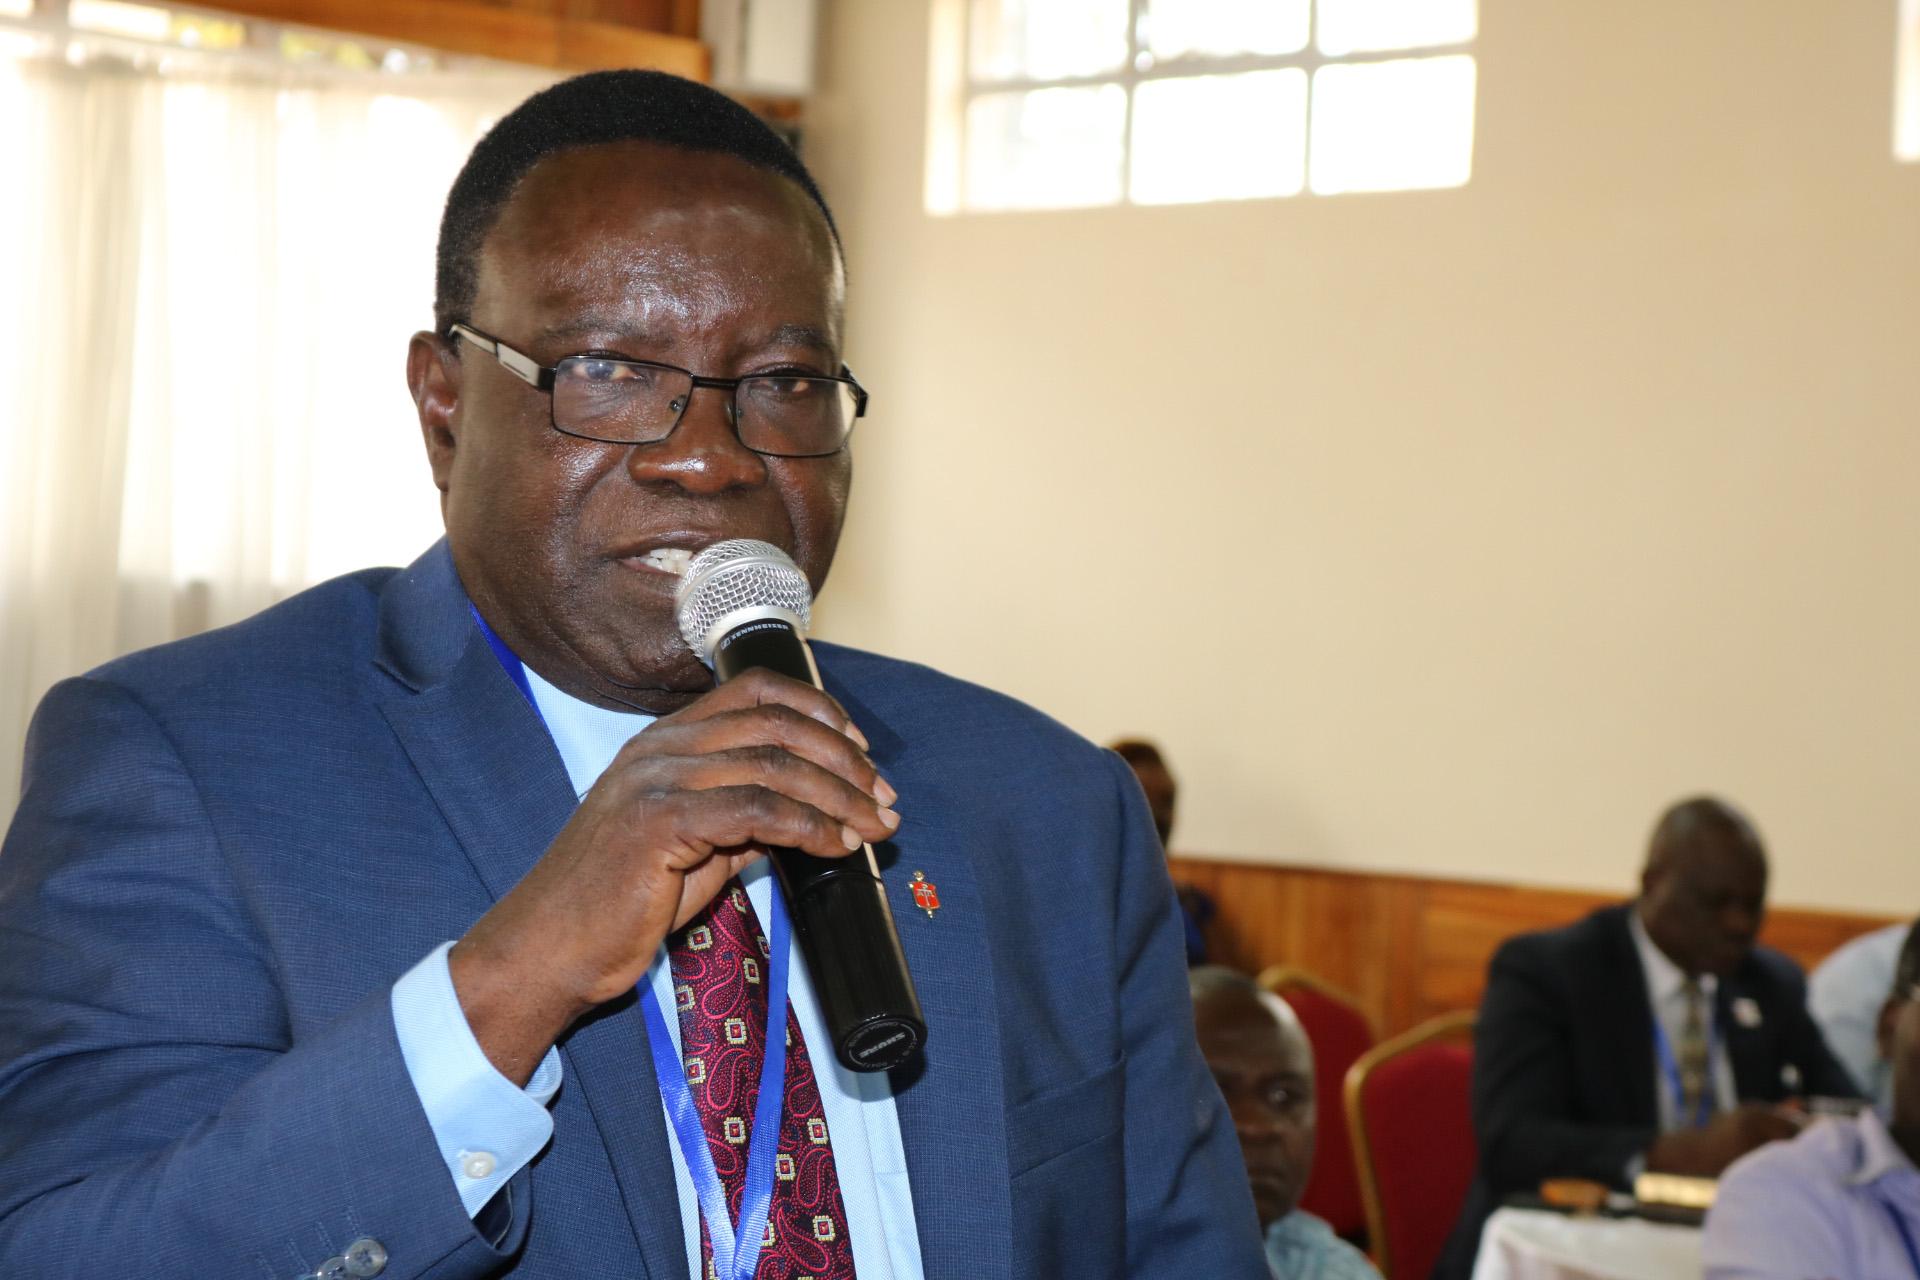 Obispo Kasap Owan Tshibang, miembro fundador de la Iniciativa de África, se dirigió a los delegados y obispos de la Conferencia General reunidos en Nairobi, Kenia, para capacitarse. Foto por Julu Swen, UMNS.